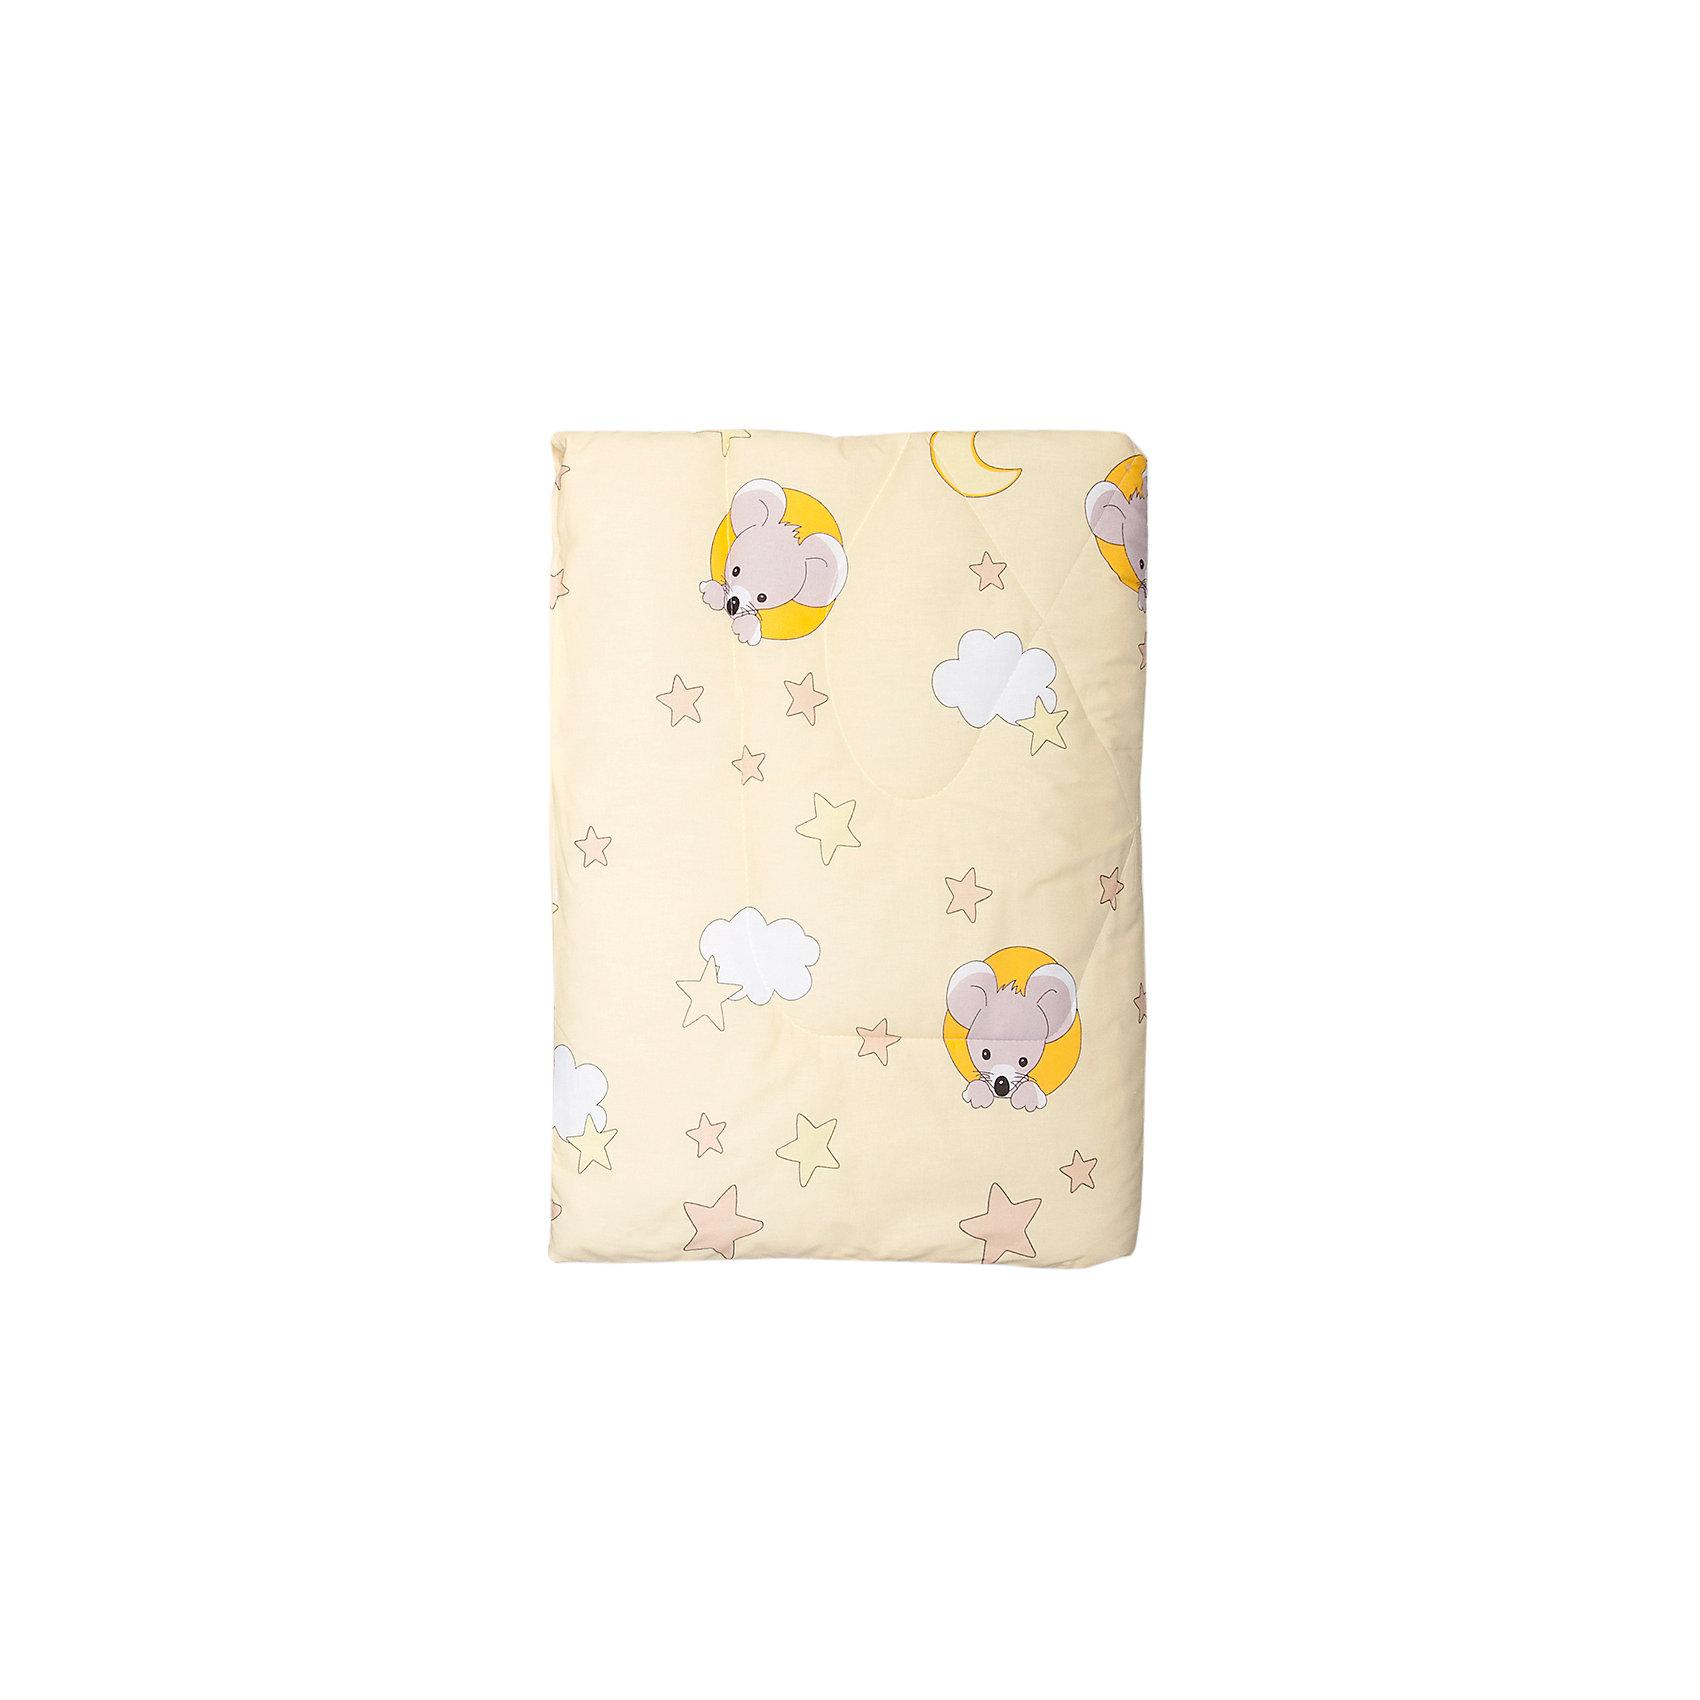 Одеяло холофайбер, 057/4, Сонный ГномикОдеяла, пледы<br>Комплектация: Одеяло<br>Размер, см: 140х110<br>Материал верха: Бязь (100% Хлопок)<br>Наполнитель: Холлофайбер (плотность 200г/кв.м).<br><br>Ширина мм: 65<br>Глубина мм: 15<br>Высота мм: 40<br>Вес г: 900<br>Возраст от месяцев: 0<br>Возраст до месяцев: 36<br>Пол: Унисекс<br>Возраст: Детский<br>SKU: 5454106